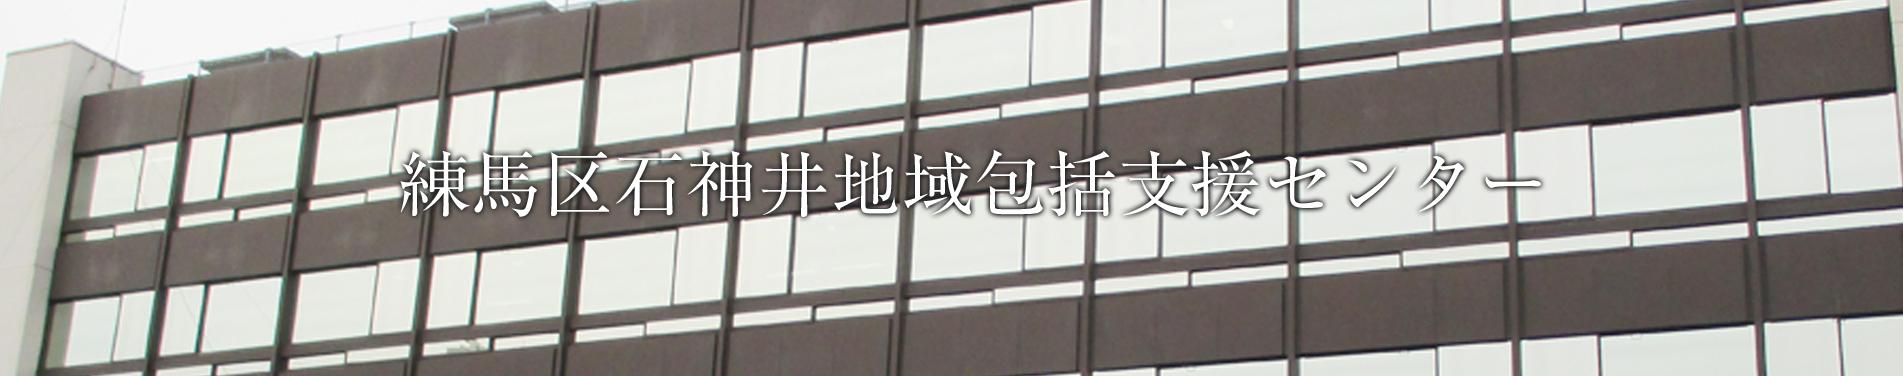 石神井高齢者相談センター(地域包括支援センター)